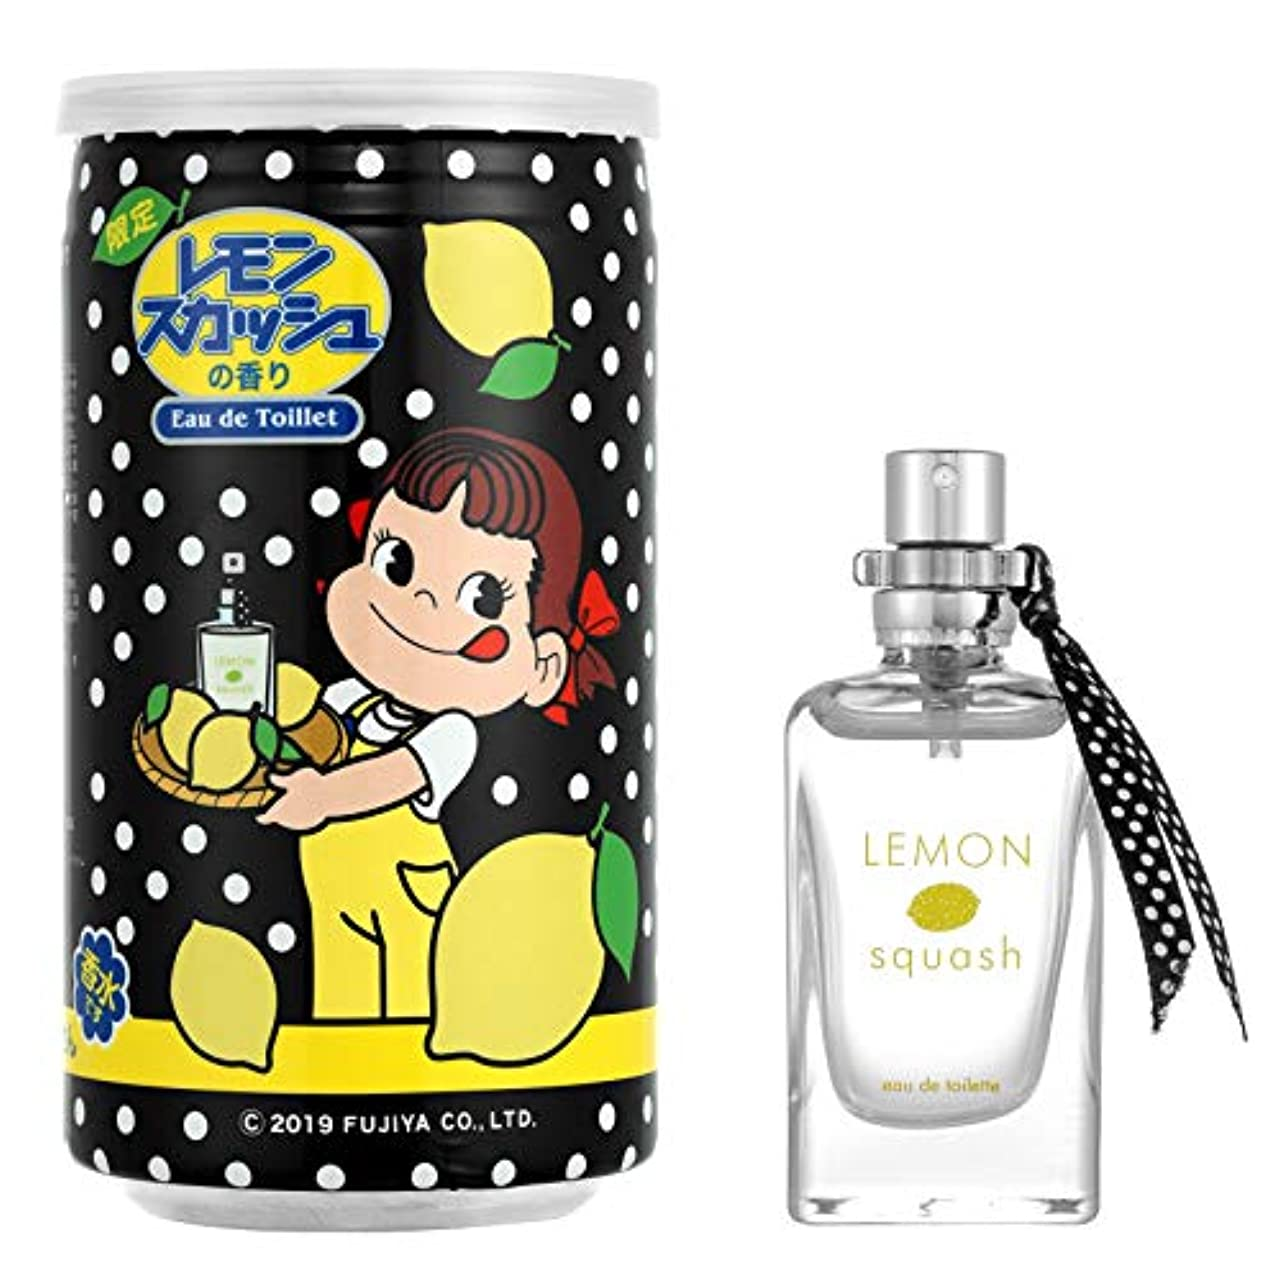 入力ひねくれた甘やかす不二家 レモンスカッシュの香り オードトワレ 30mL